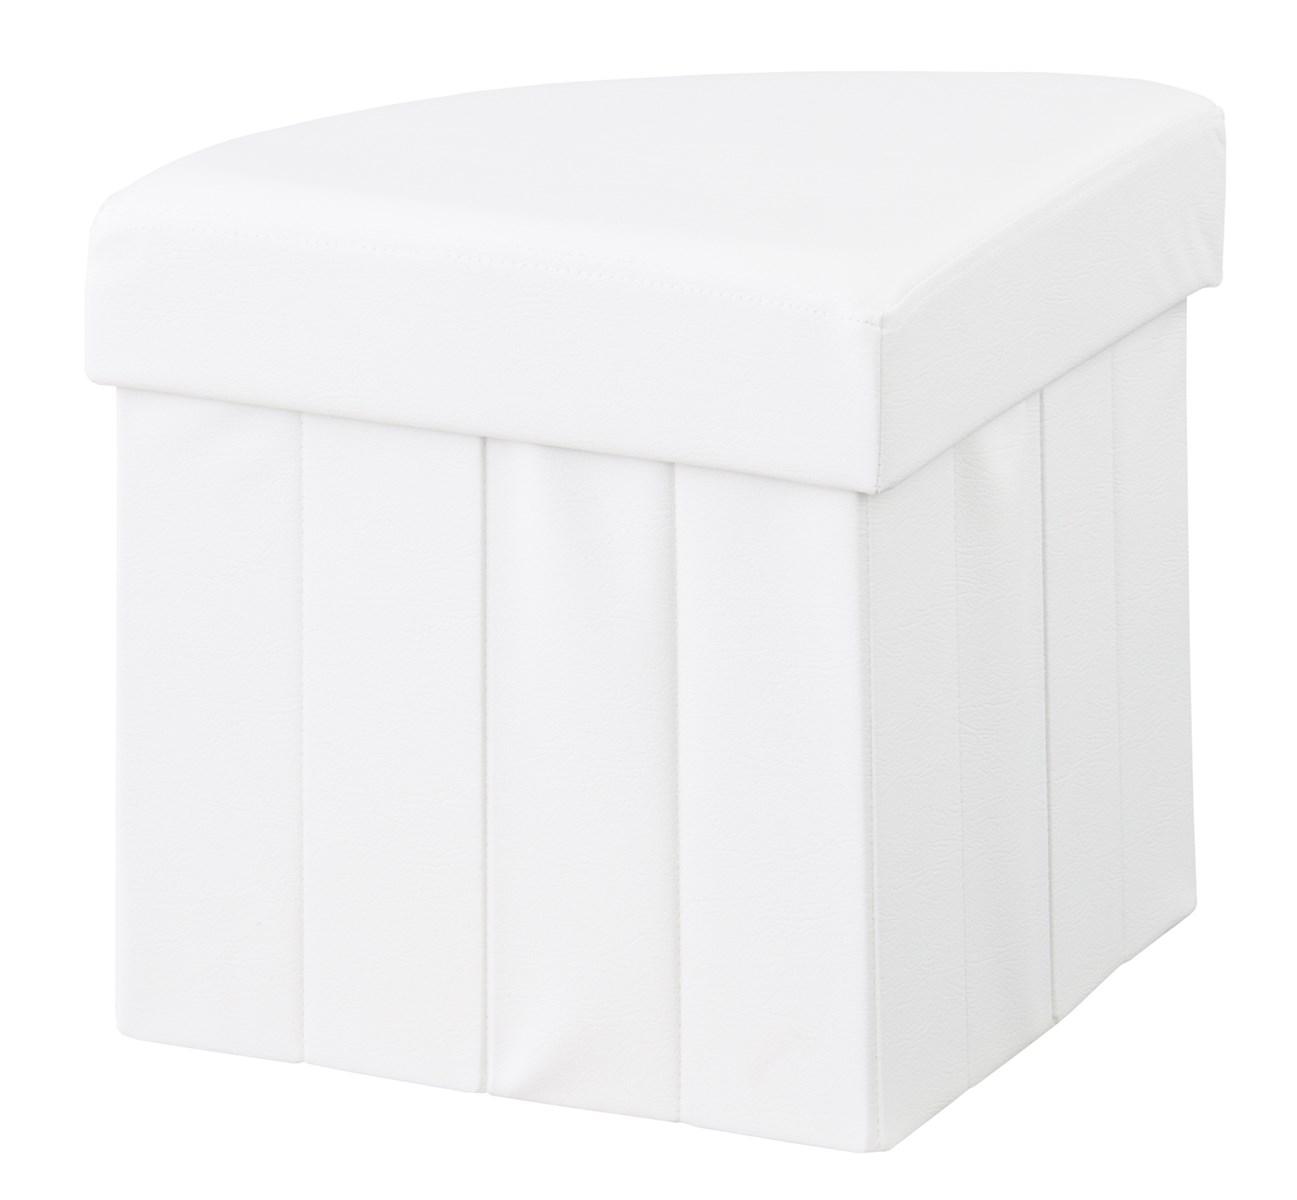 ボックススツール イス バーチェア 椅子 カウンターチェア コーナー (数量1) ホワイト 白